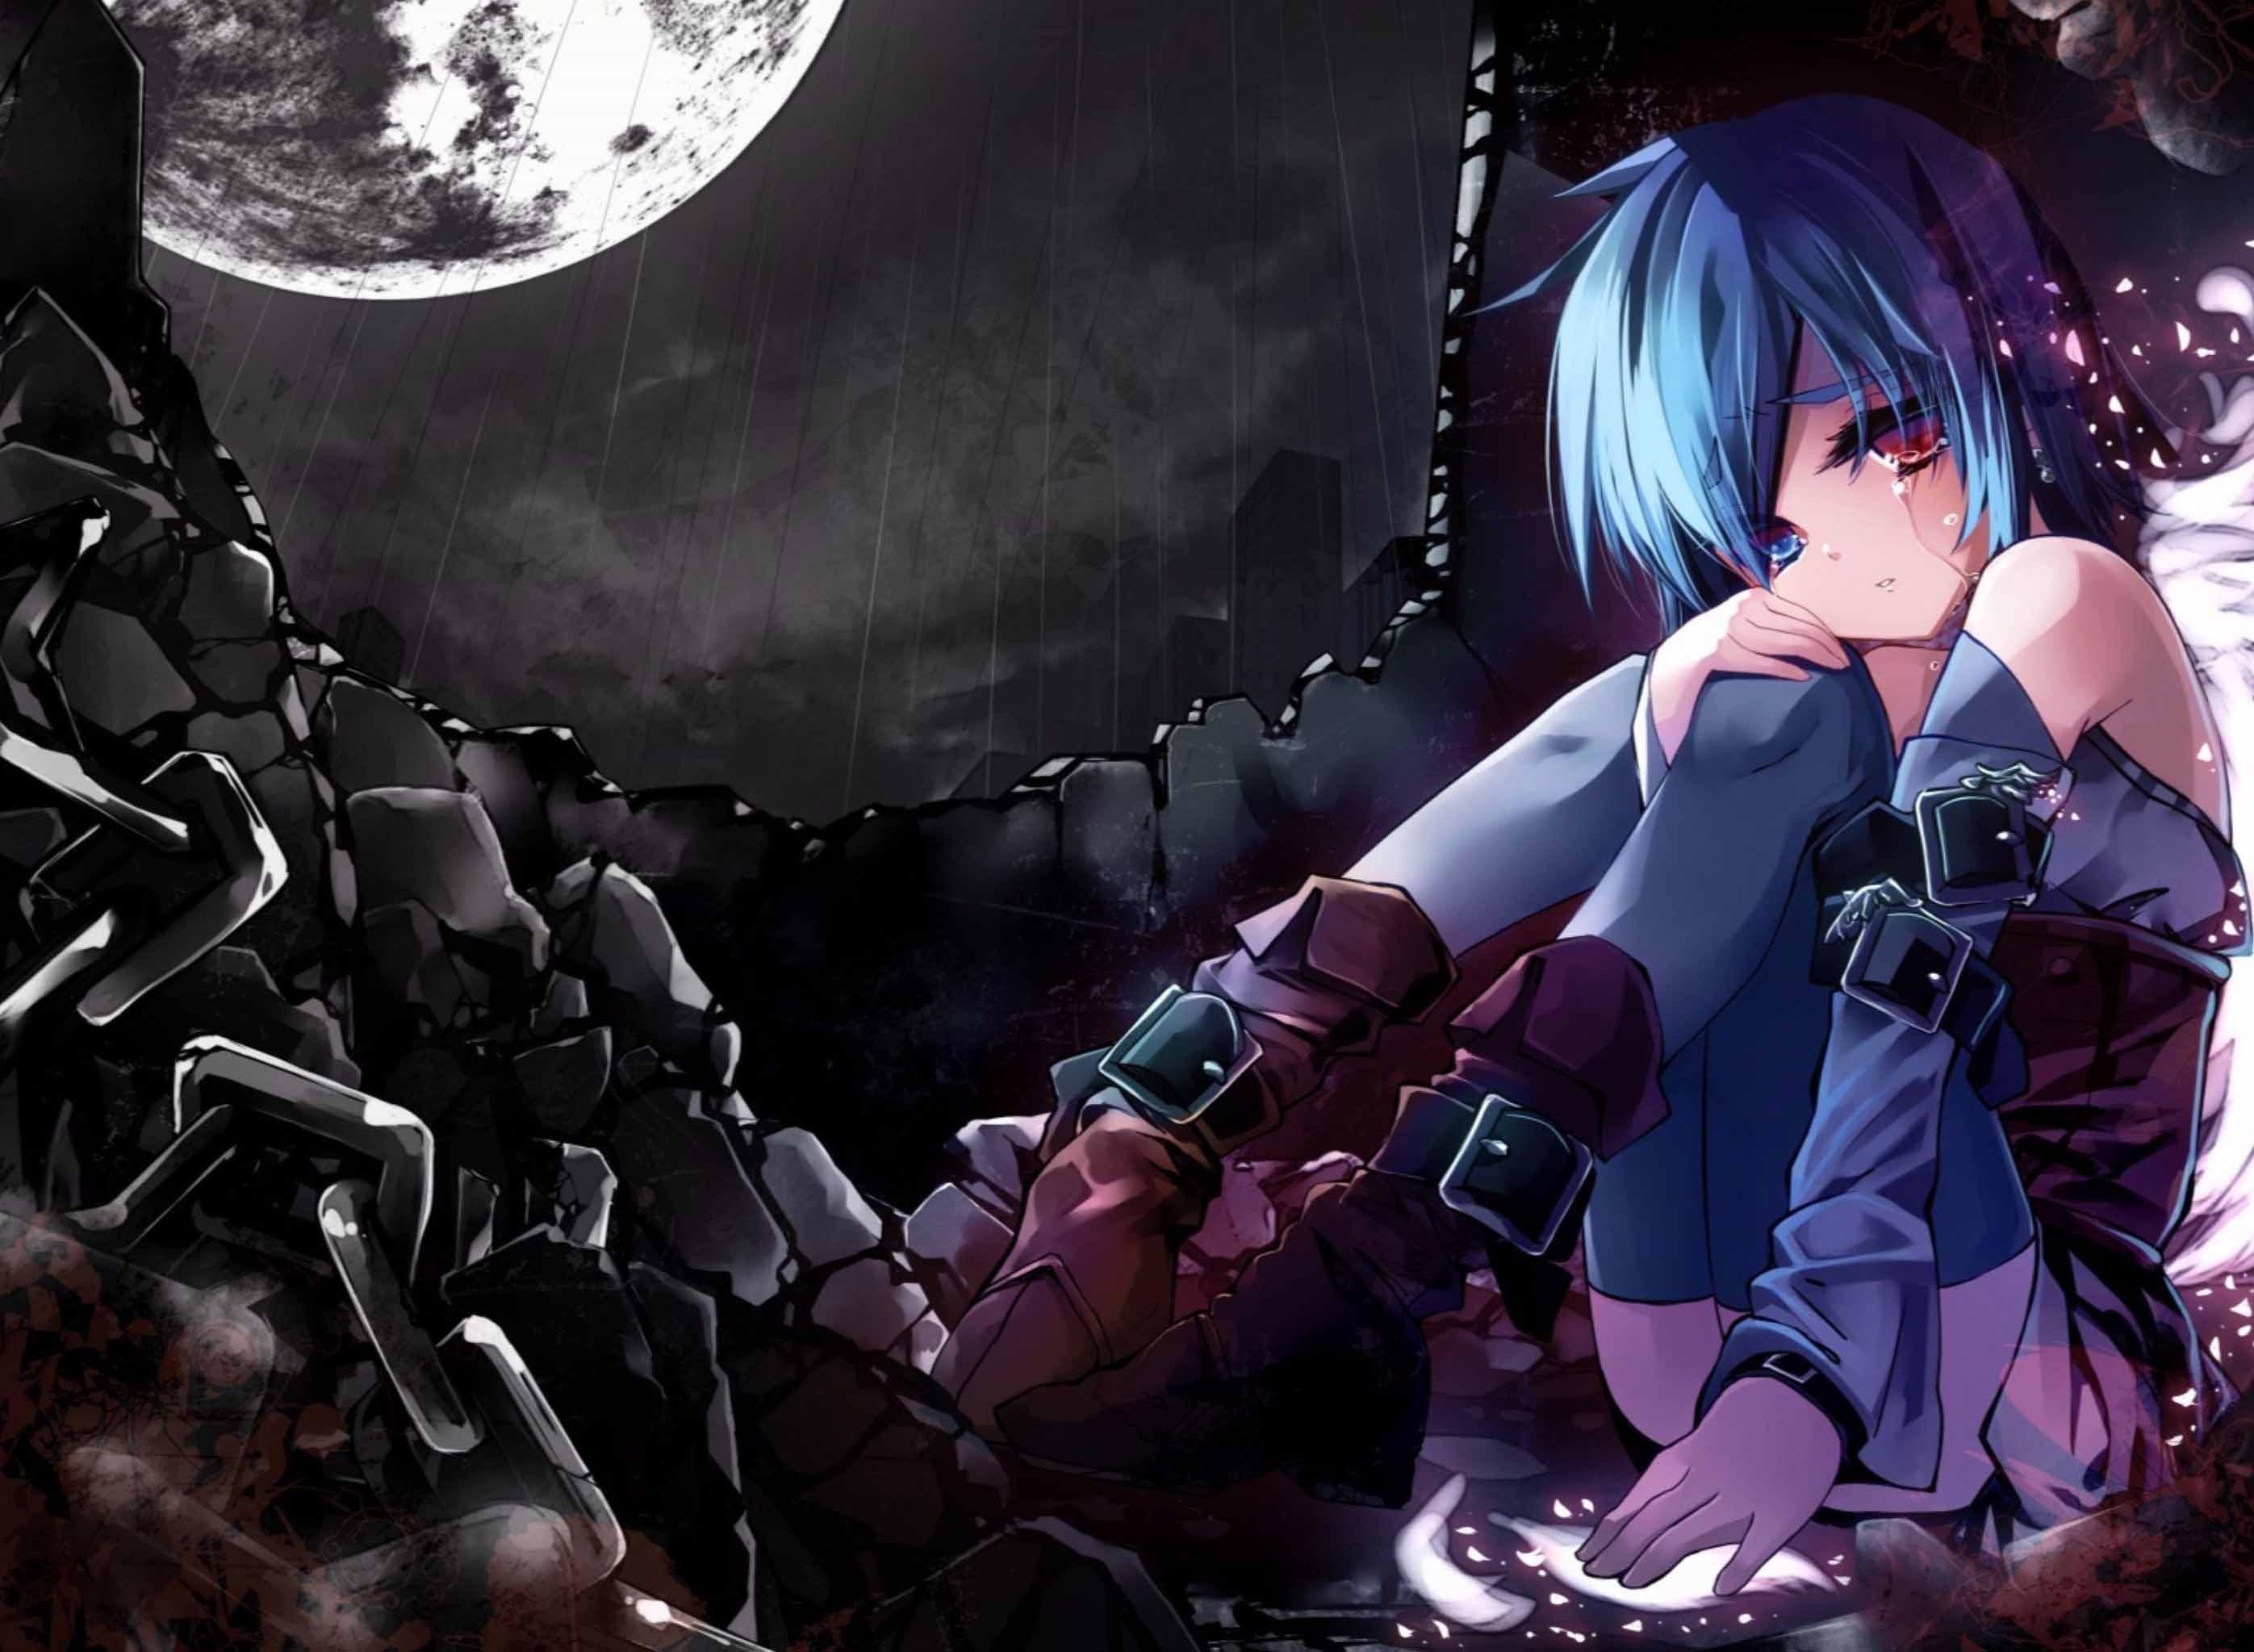 ảnh anime nữ buồn ngầu